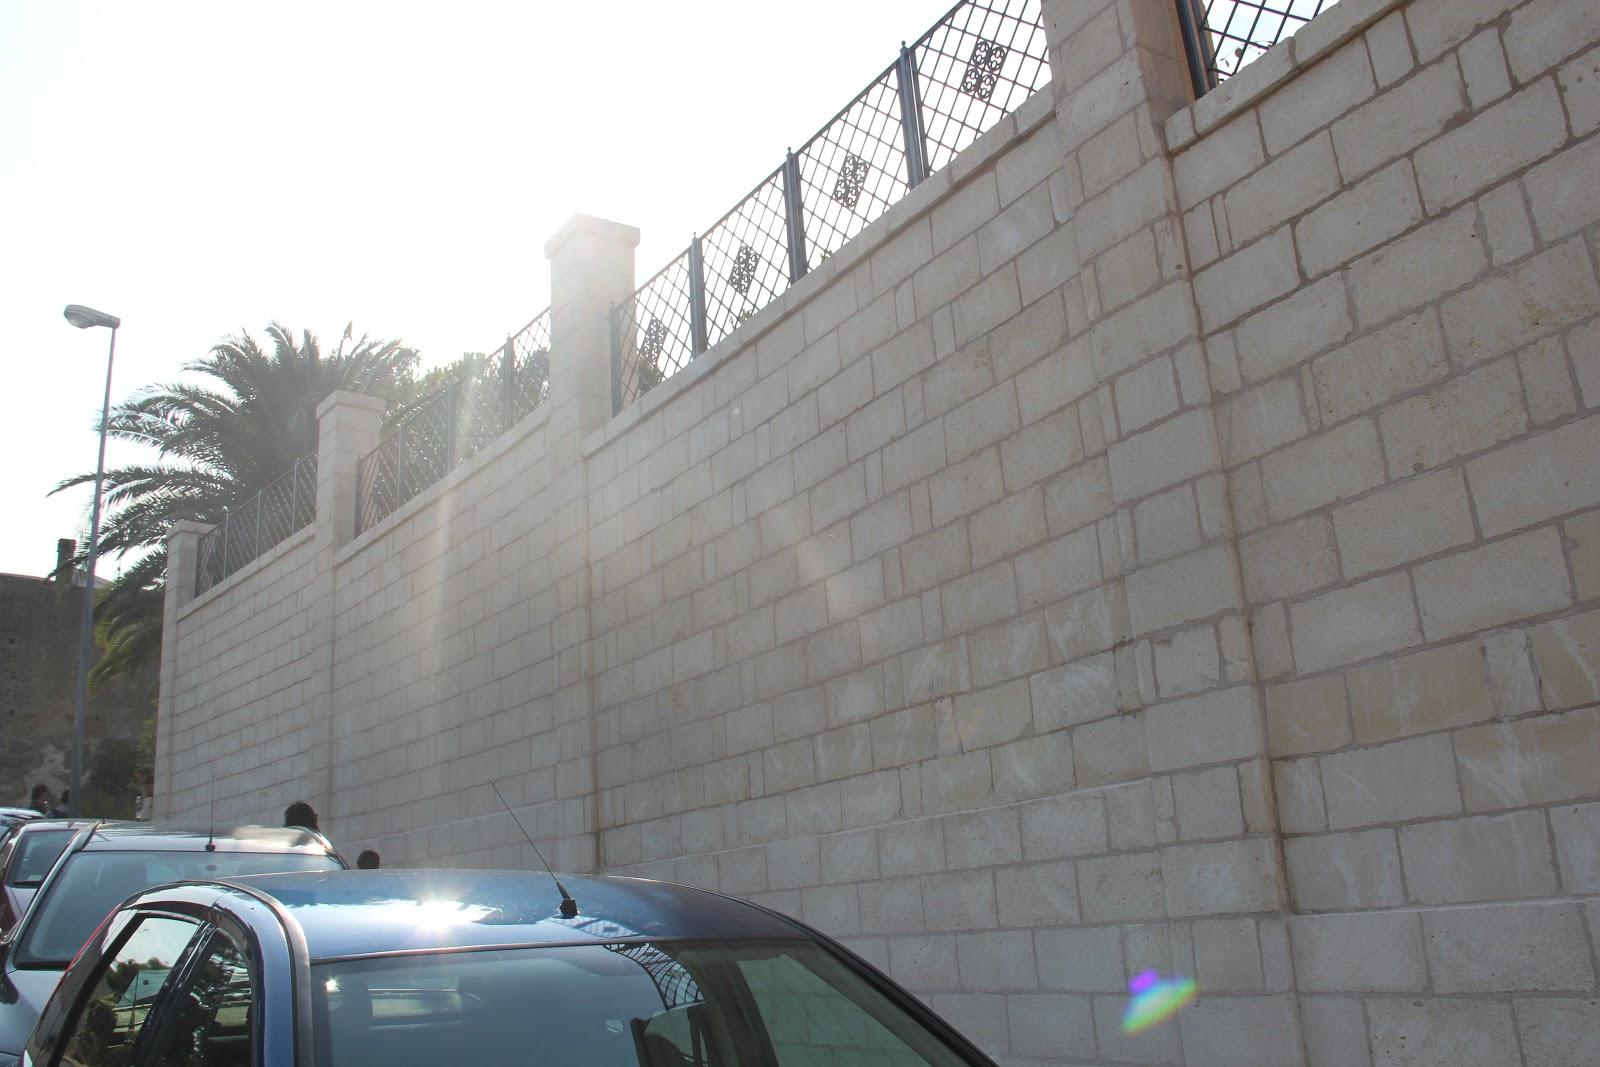 http://4.bp.blogspot.com/-s2H7y4HC5vw/TmpqRqNcj0I/AAAAAAAAJuA/weXyM6qxYAc/s1600/12+Il+muro+di+cinta+di+Palazzo+Margherita+Bernalda+27-08-11.JPG